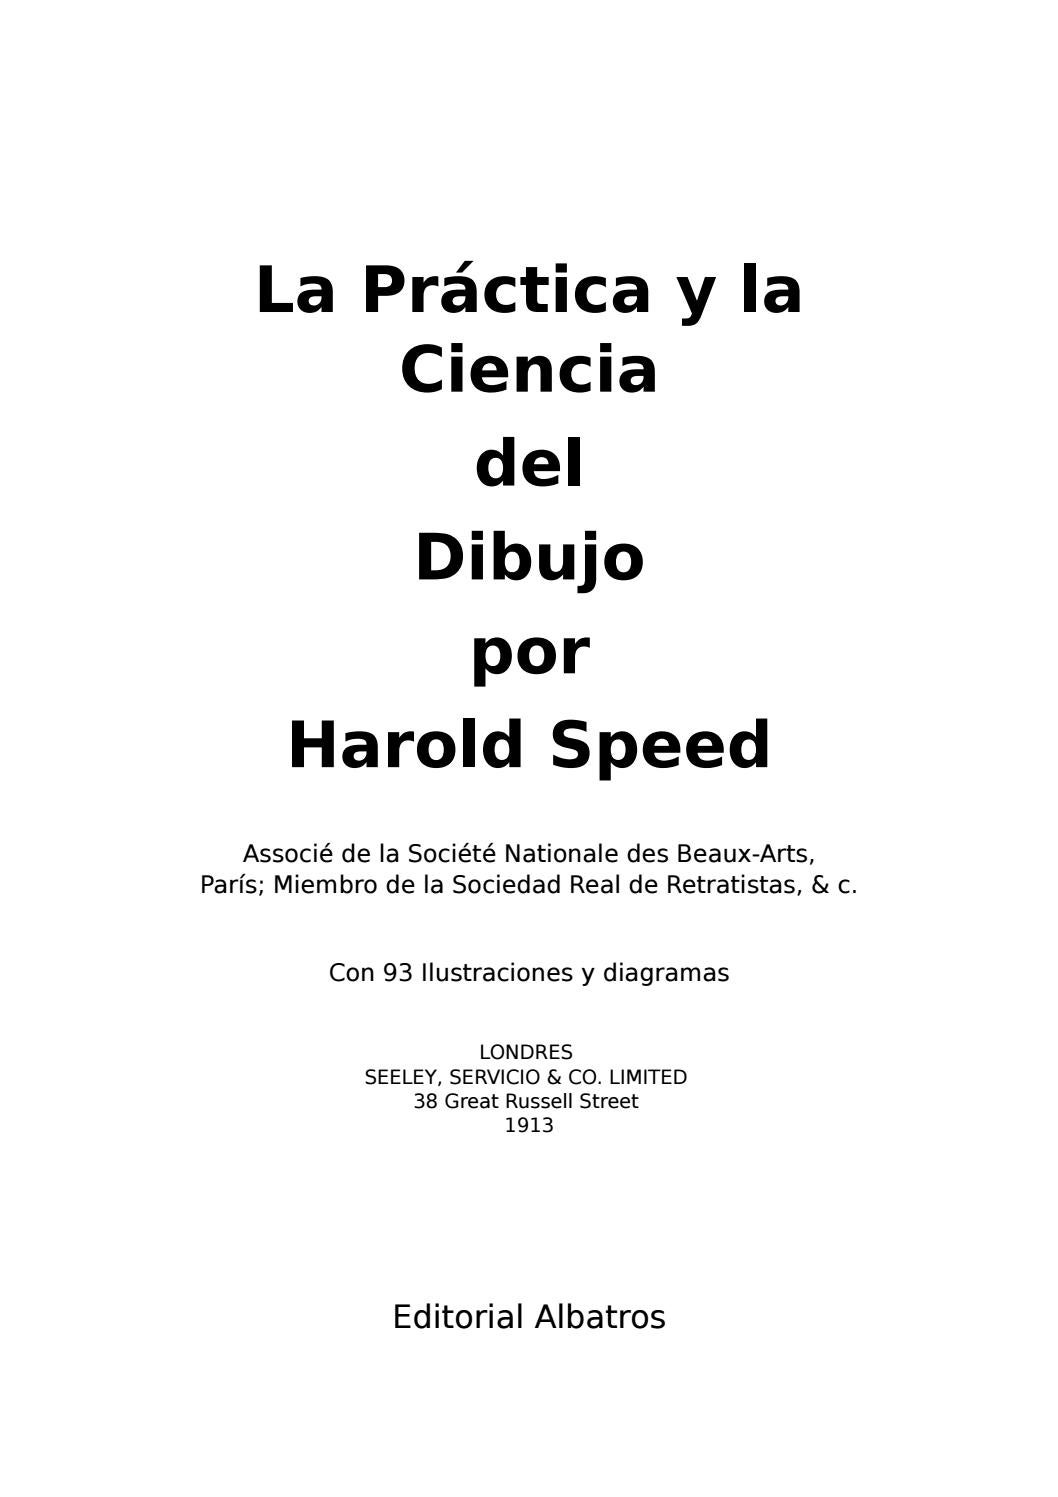 f00ea5731 La Práctica y la Ciencia del Dibujo - Harold Speed - 1913 by César Eduardo  - issuu